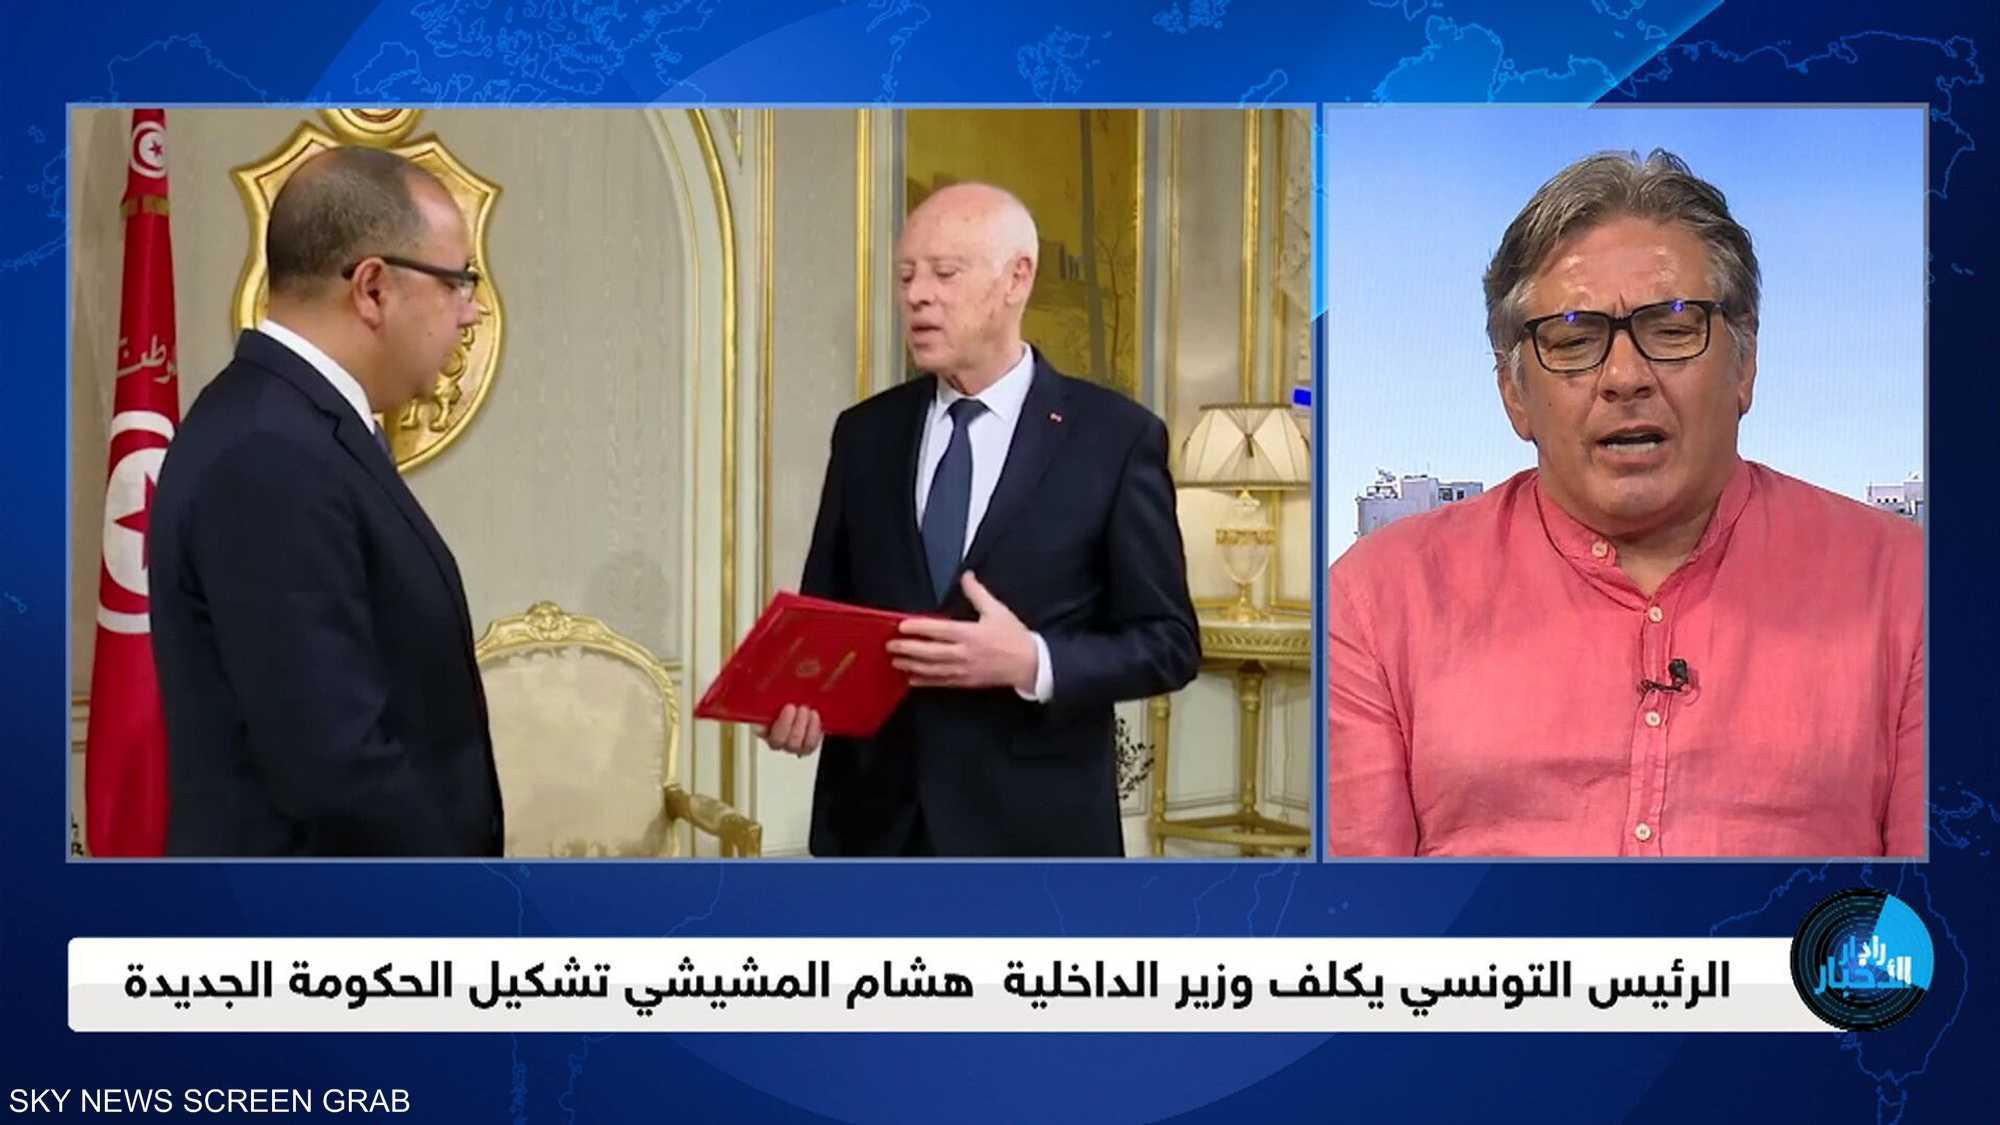 الرئيس التونسي يكلف هشام المشيشي بتشكيل الحكومة الجديدة